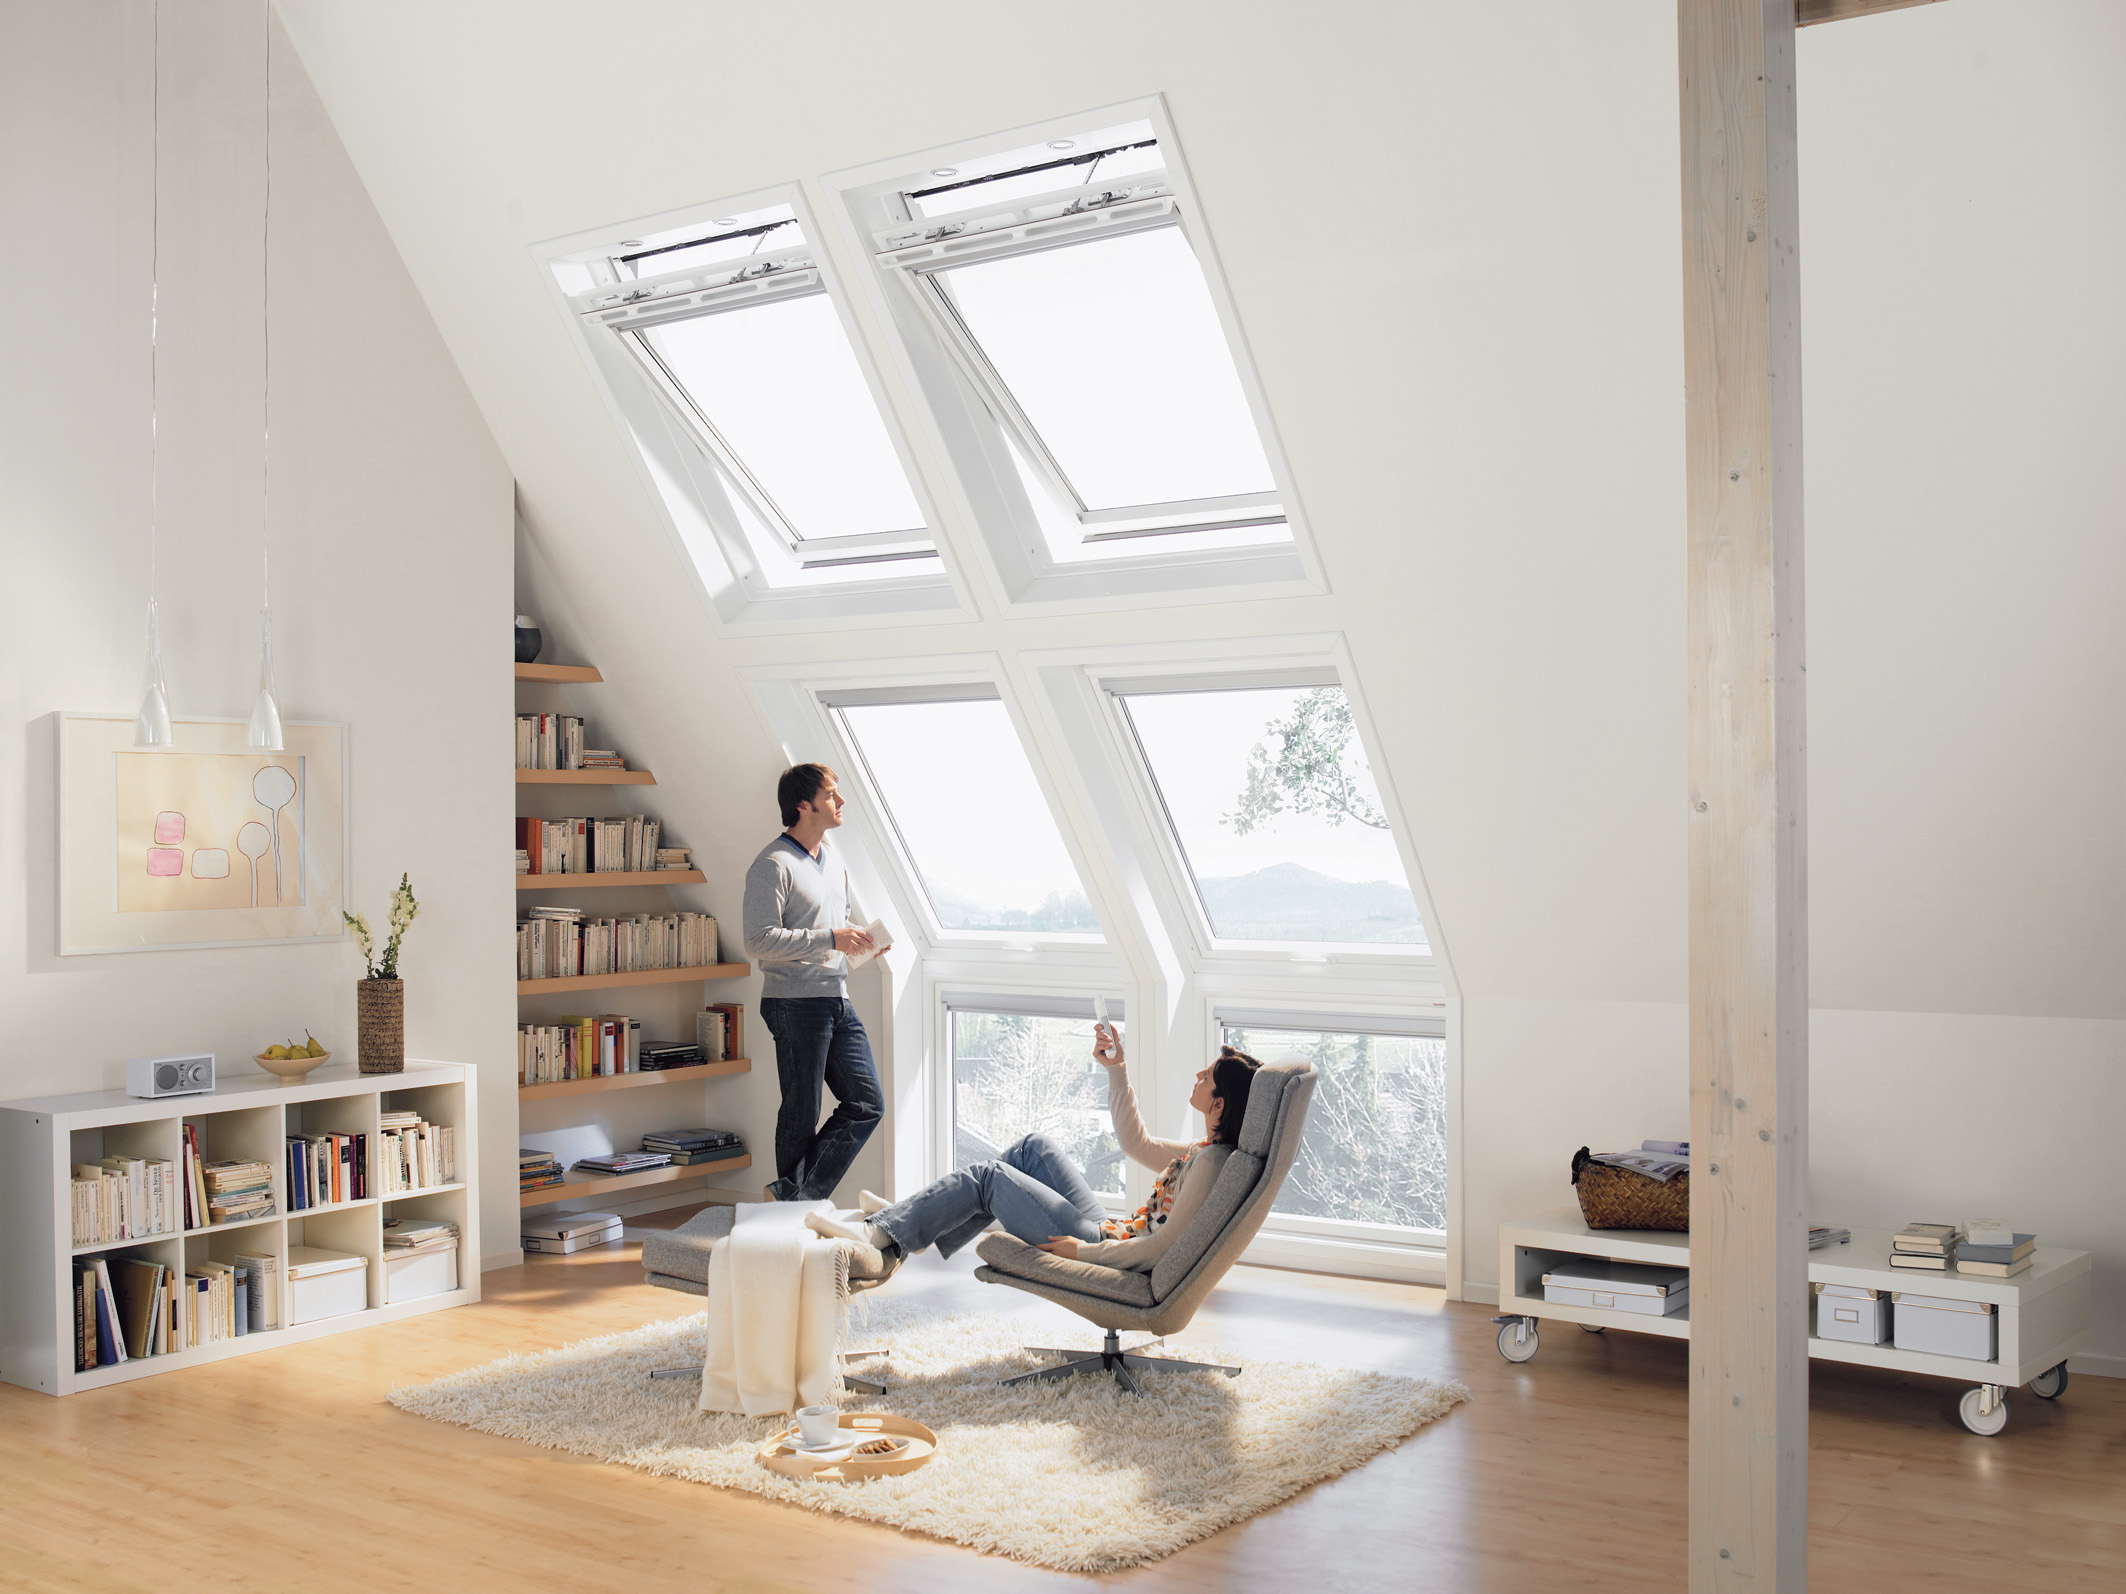 der dachausbau erweitert den wohnraum und hilft energie zu sparen energieblog energynet. Black Bedroom Furniture Sets. Home Design Ideas